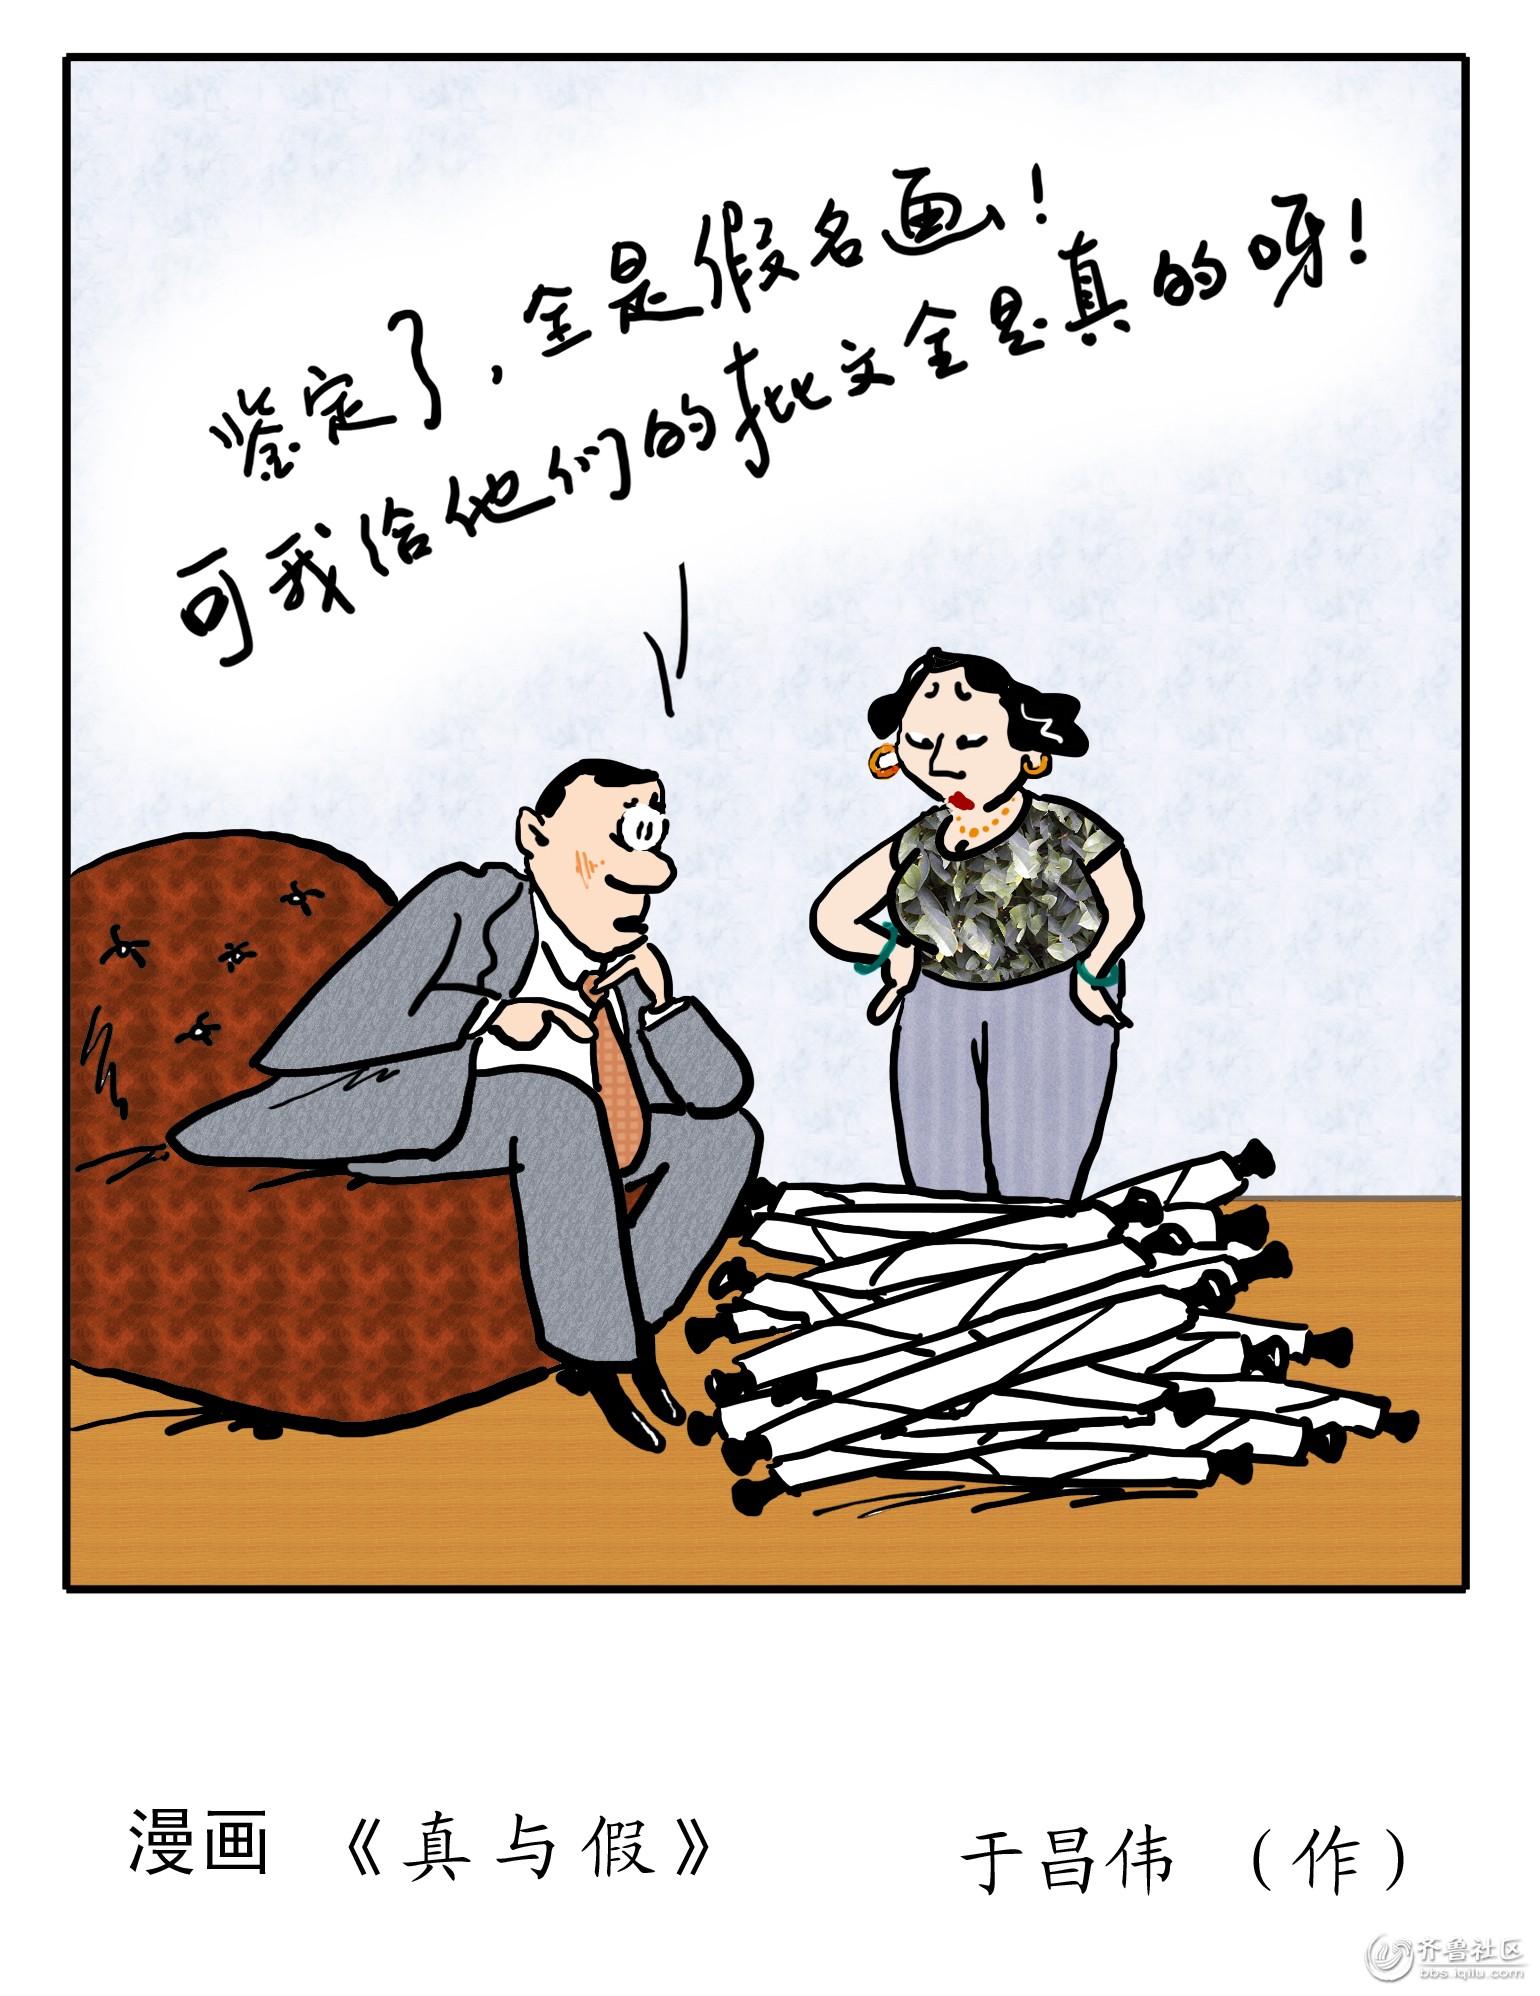 wb14漫画--《真与假》.jpg